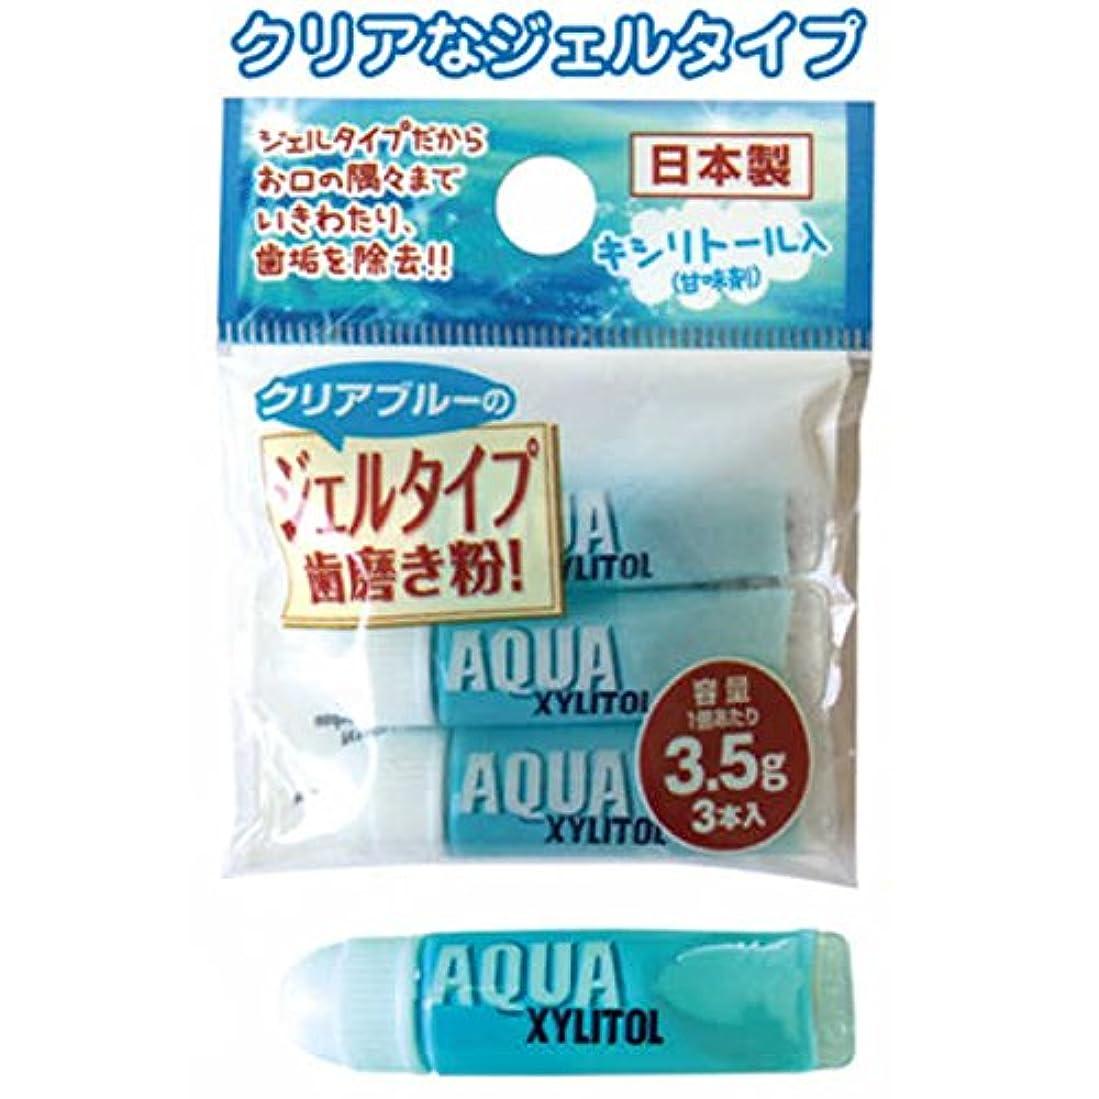 経歴笑い近々デンタルジェル(3本入)日本製 japan 【まとめ買い12個セット】 41-083